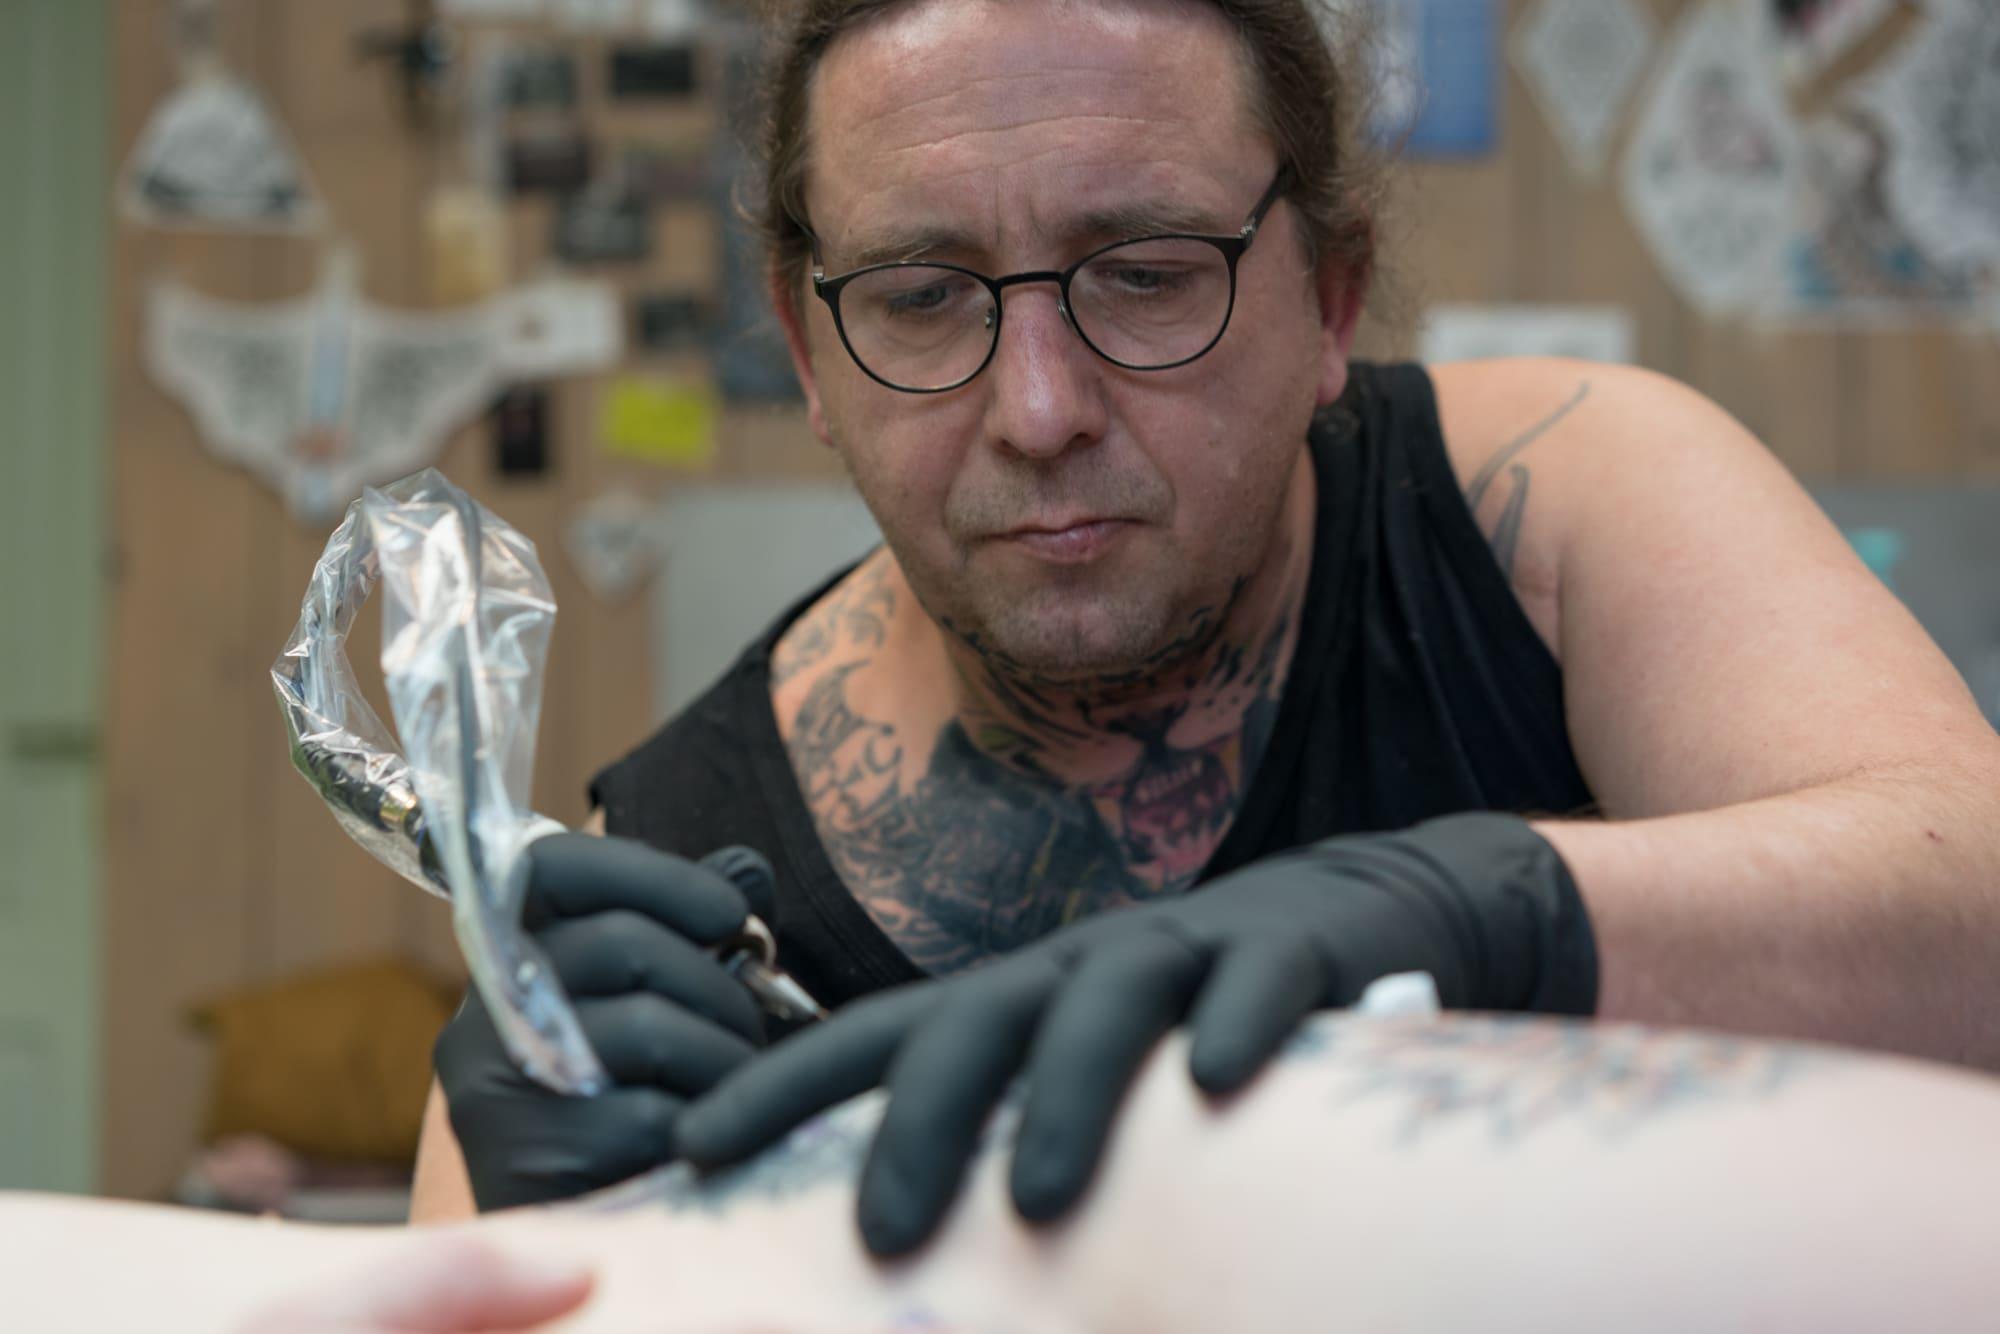 Vu de face, Damien est concentré sur le tatouage en cours, aiguille à la main